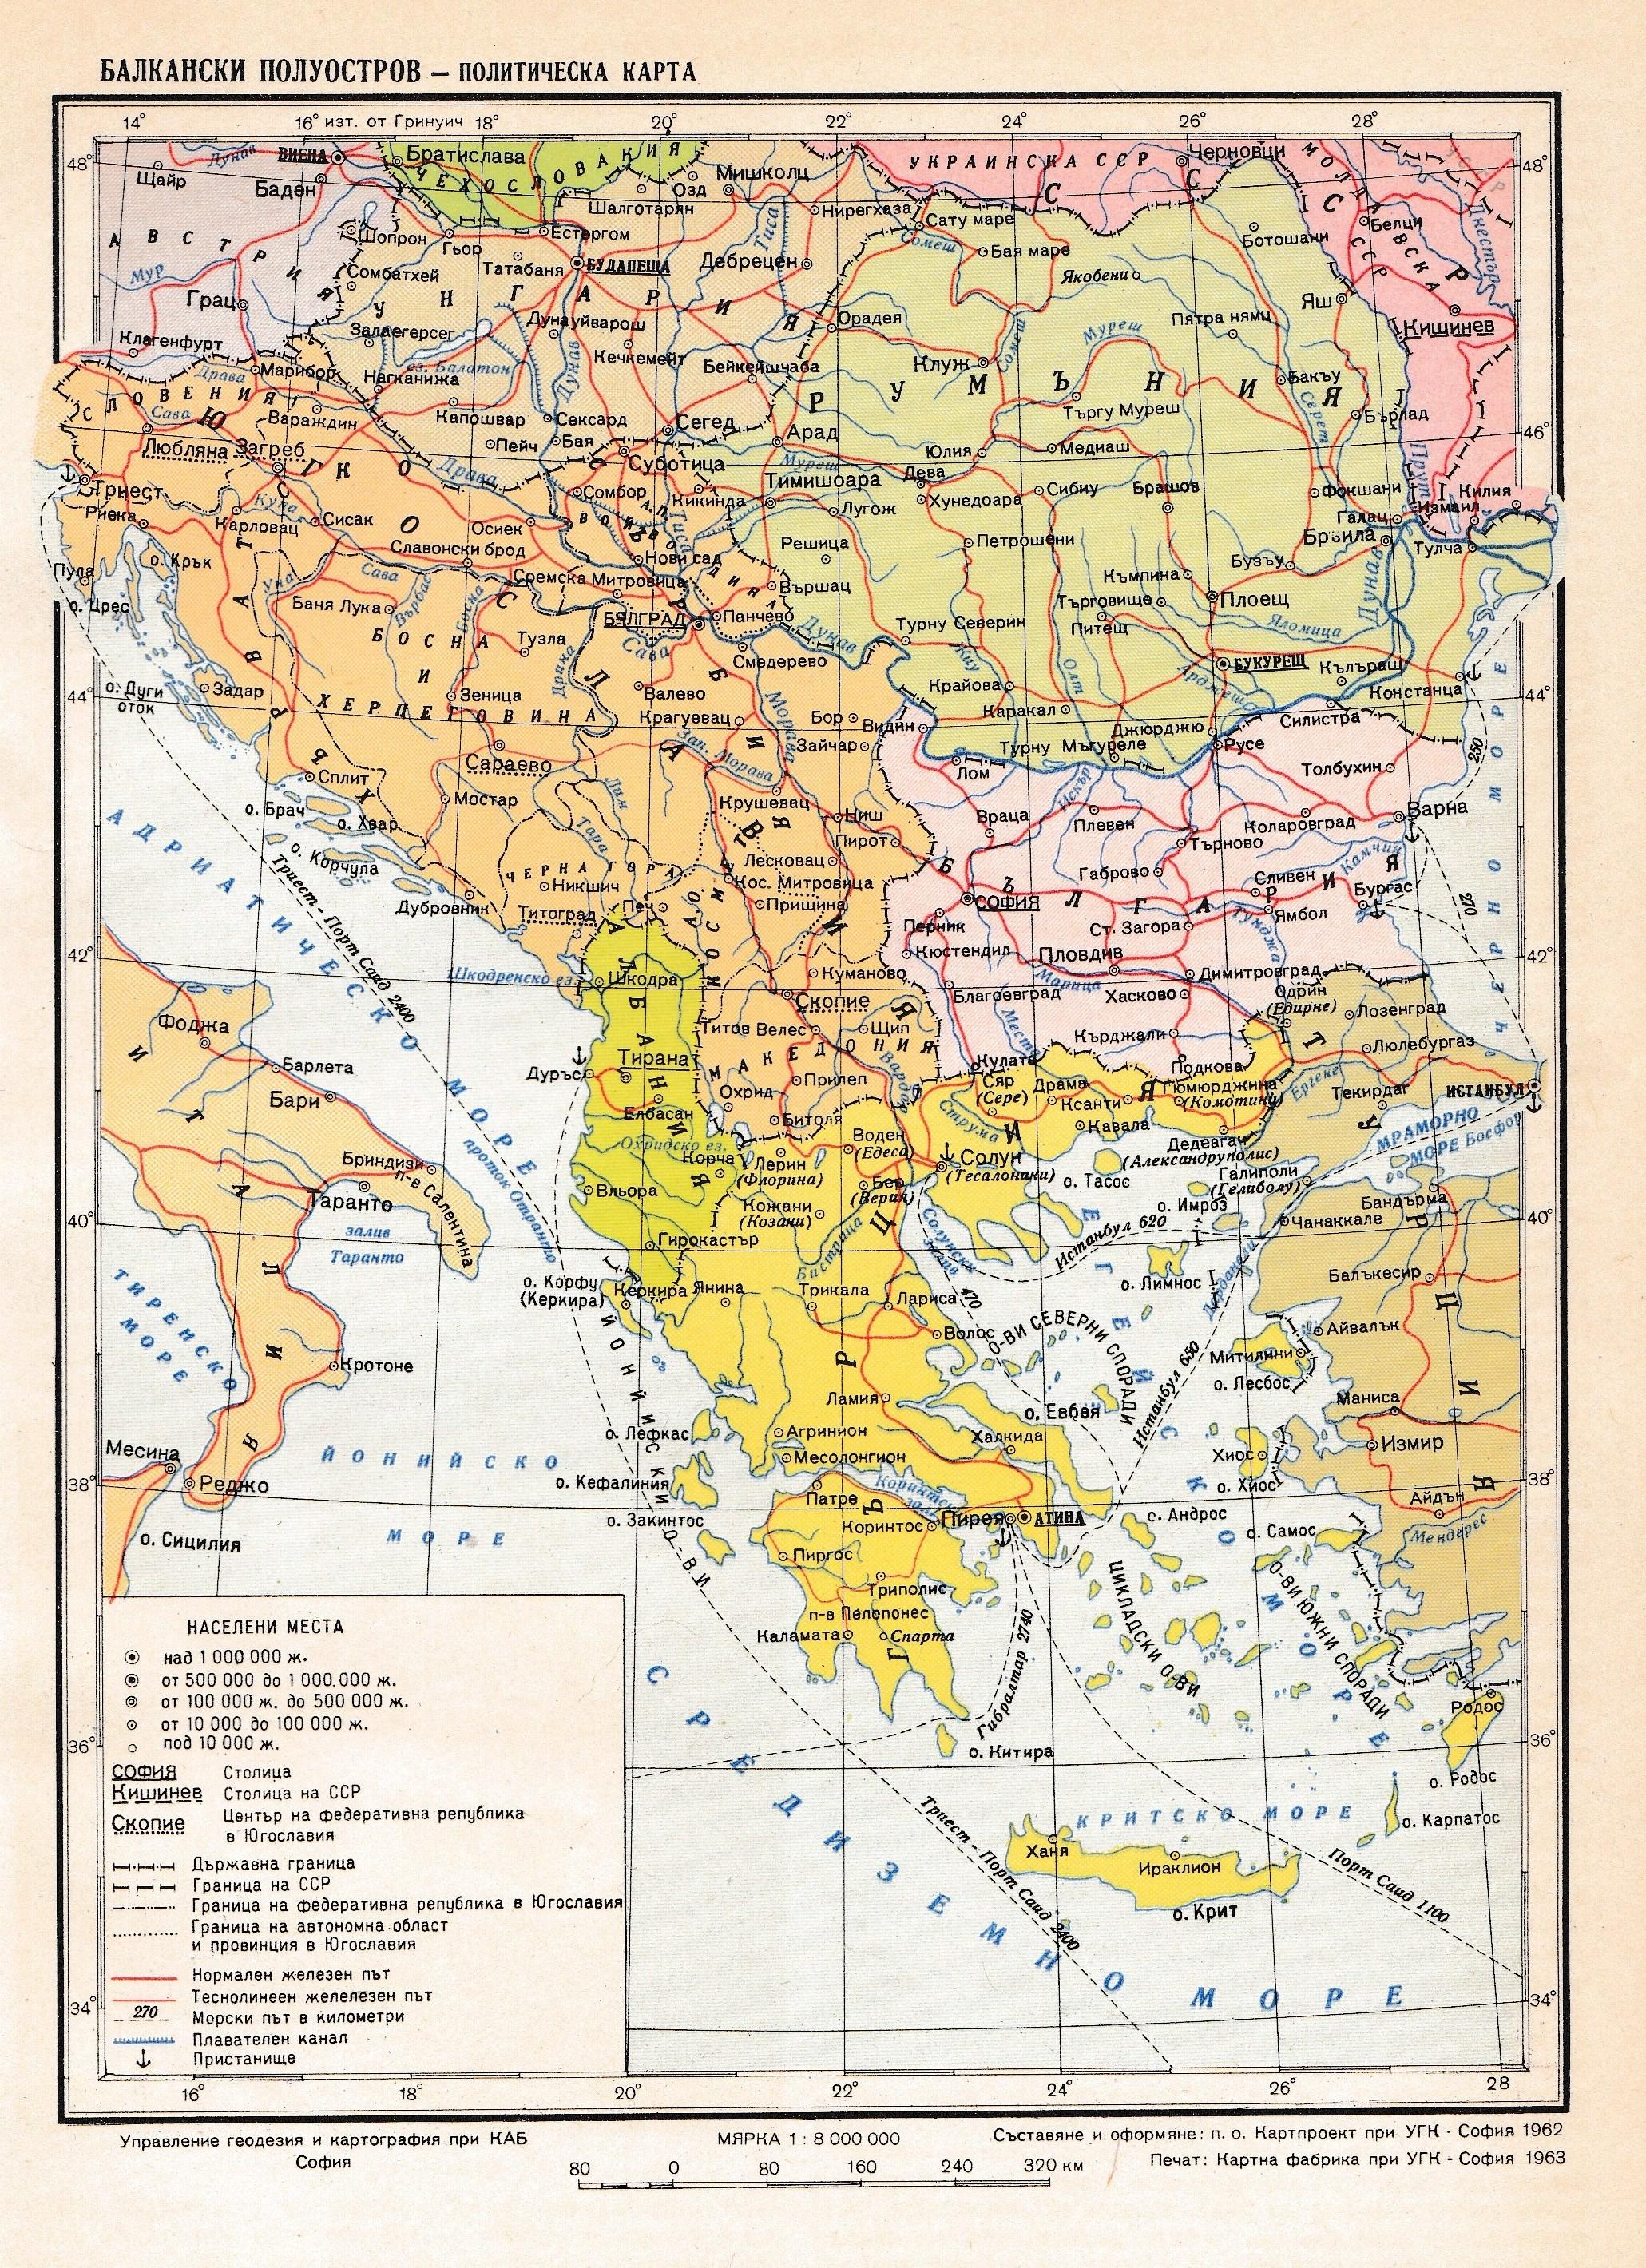 Balkanski Poluostrov Politicheska Karta 1963 G Anamnesis Info